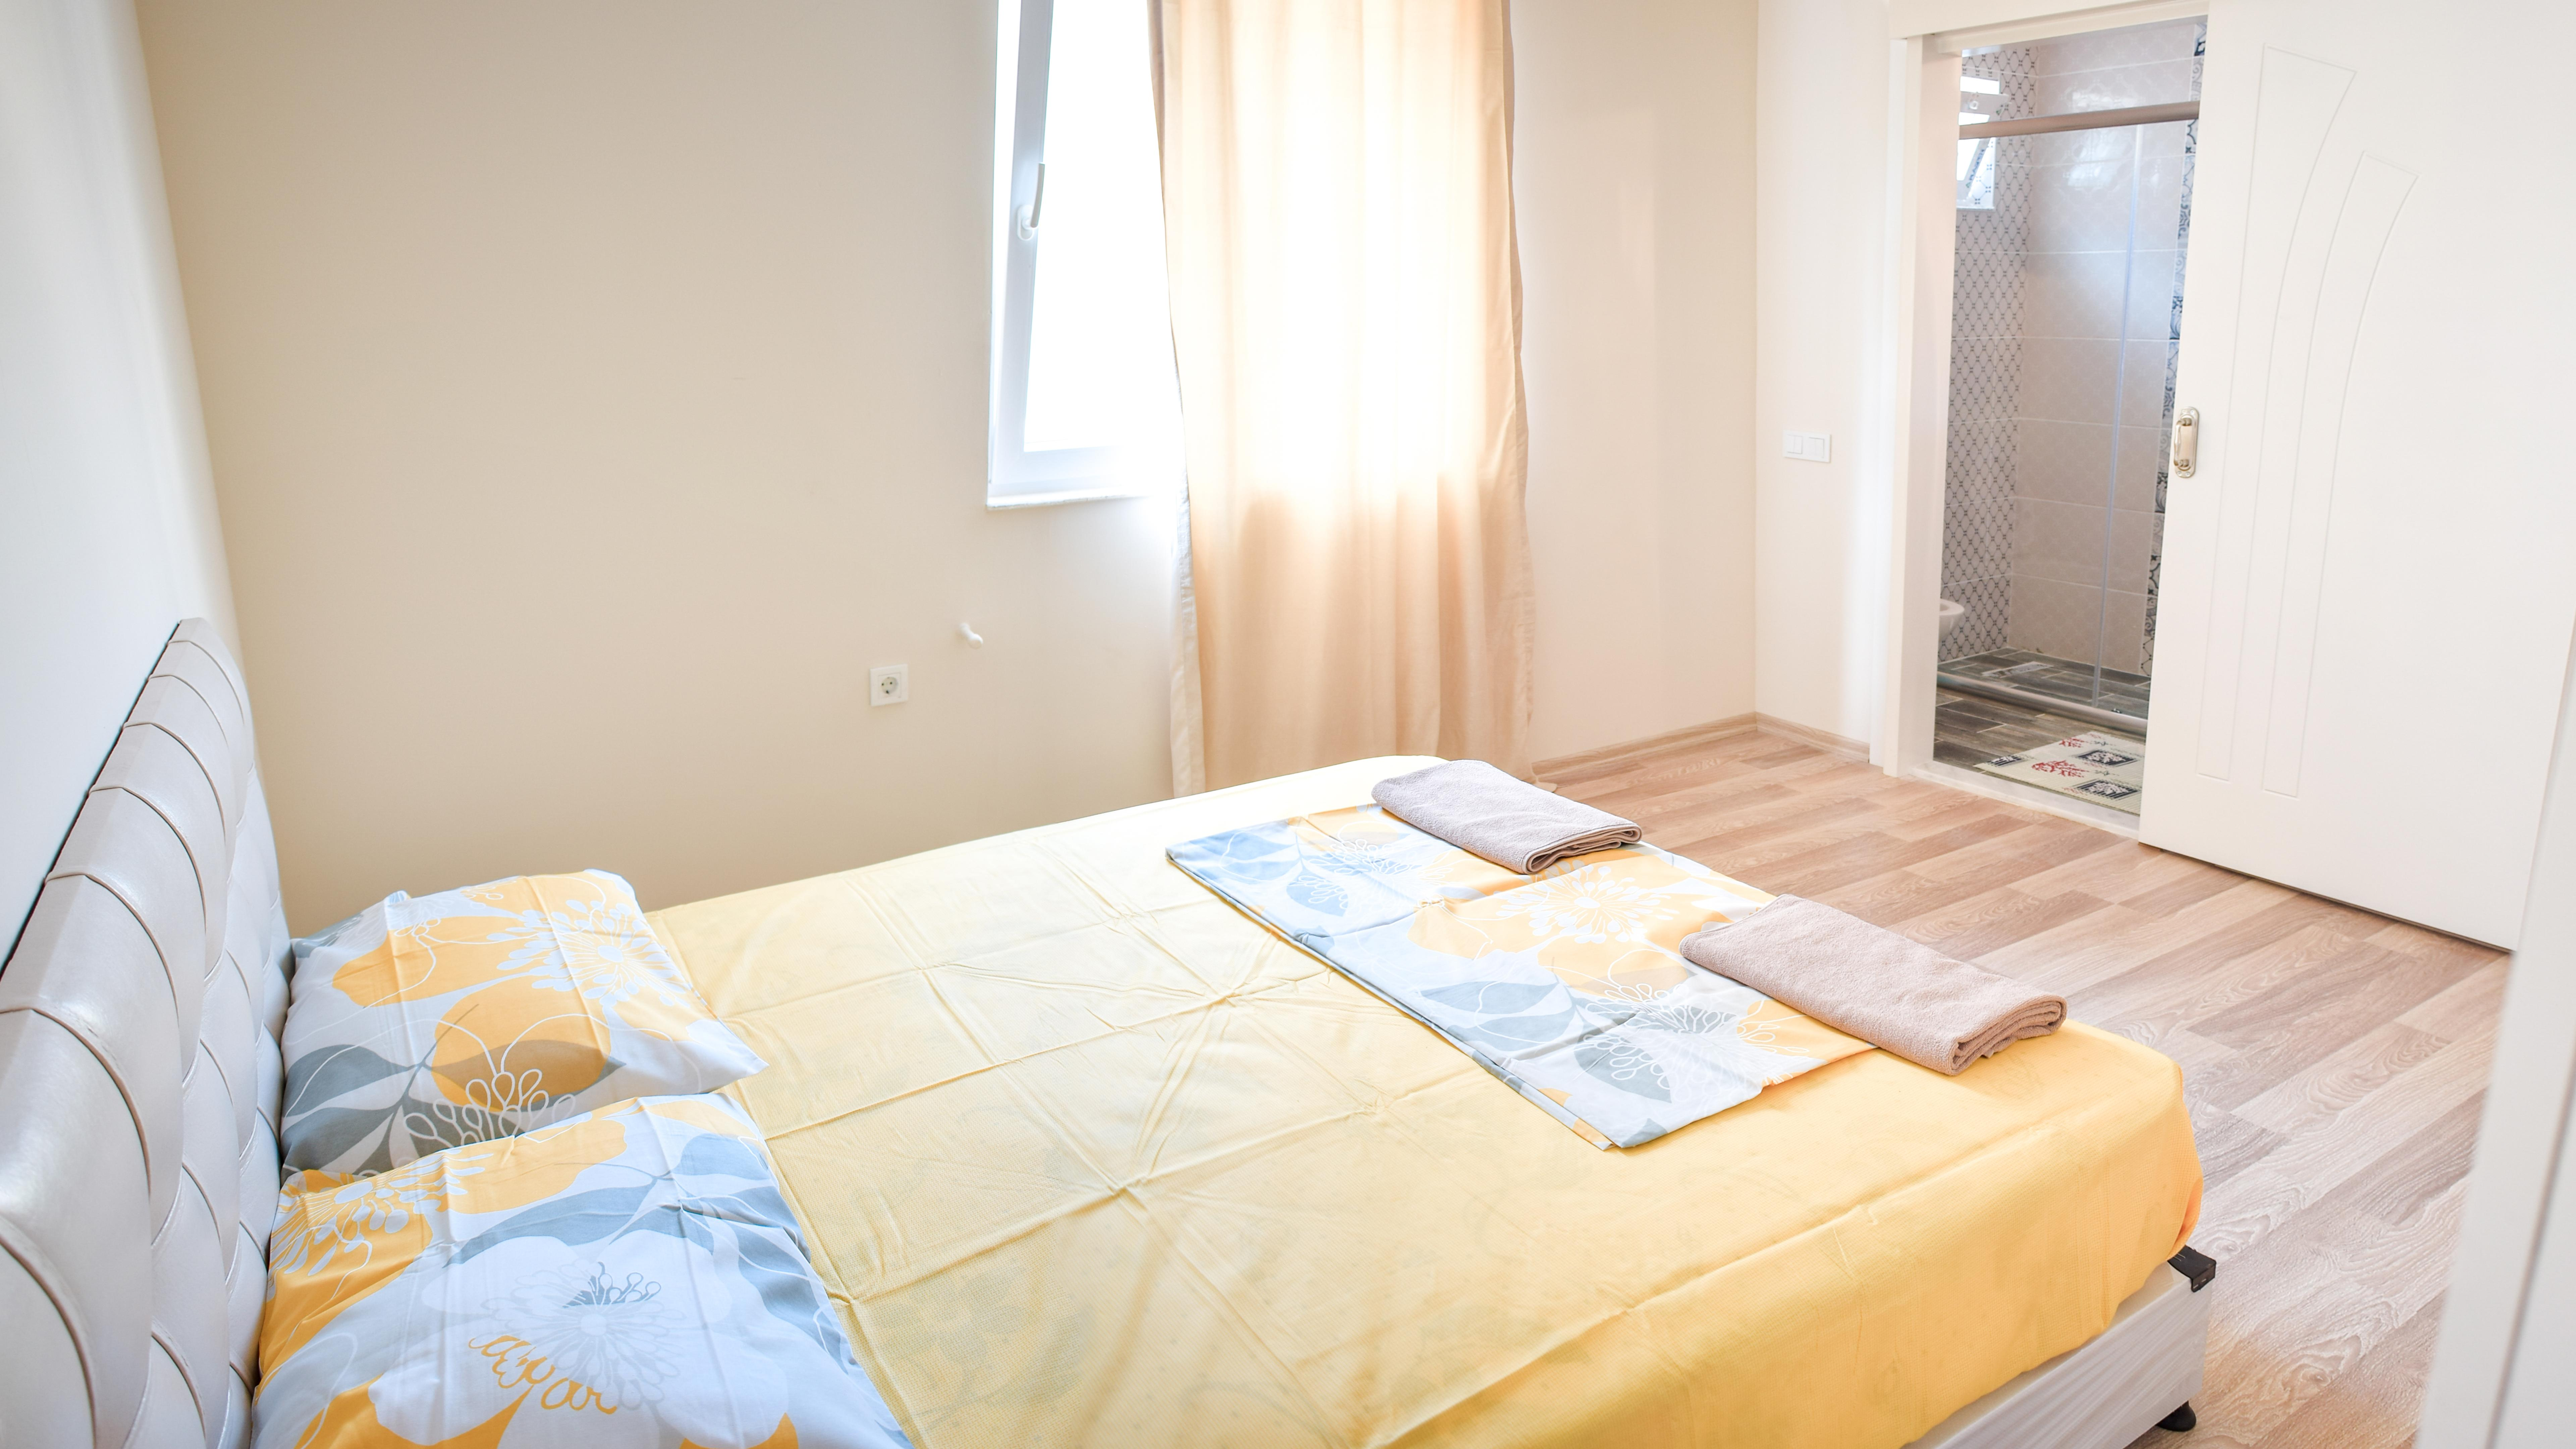 Ferienwohnung Gemtliche 2 Schlafzimmer mit Blick auf die Berge Gratis Wifi (2782156), Çakirlar, , Mittelmeerregion, Türkei, Bild 7